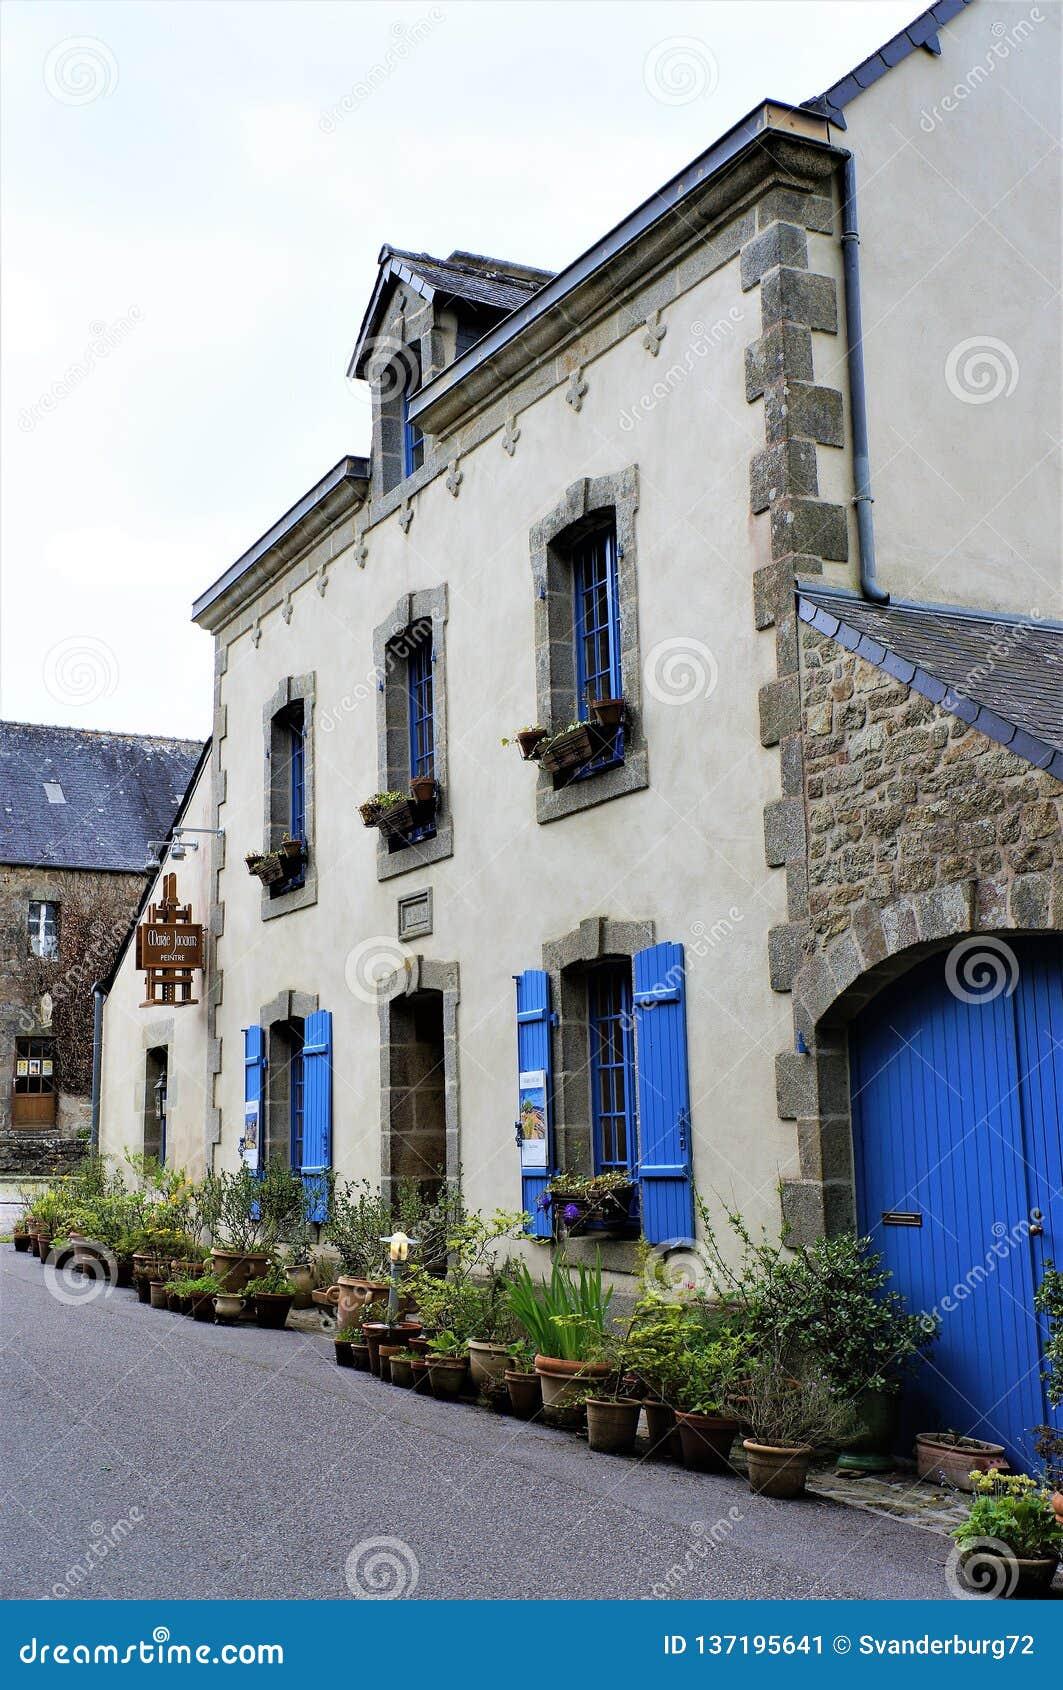 Älskvärda gamla stenar huset med blåa träfönsterslutare i Brittany France Europe